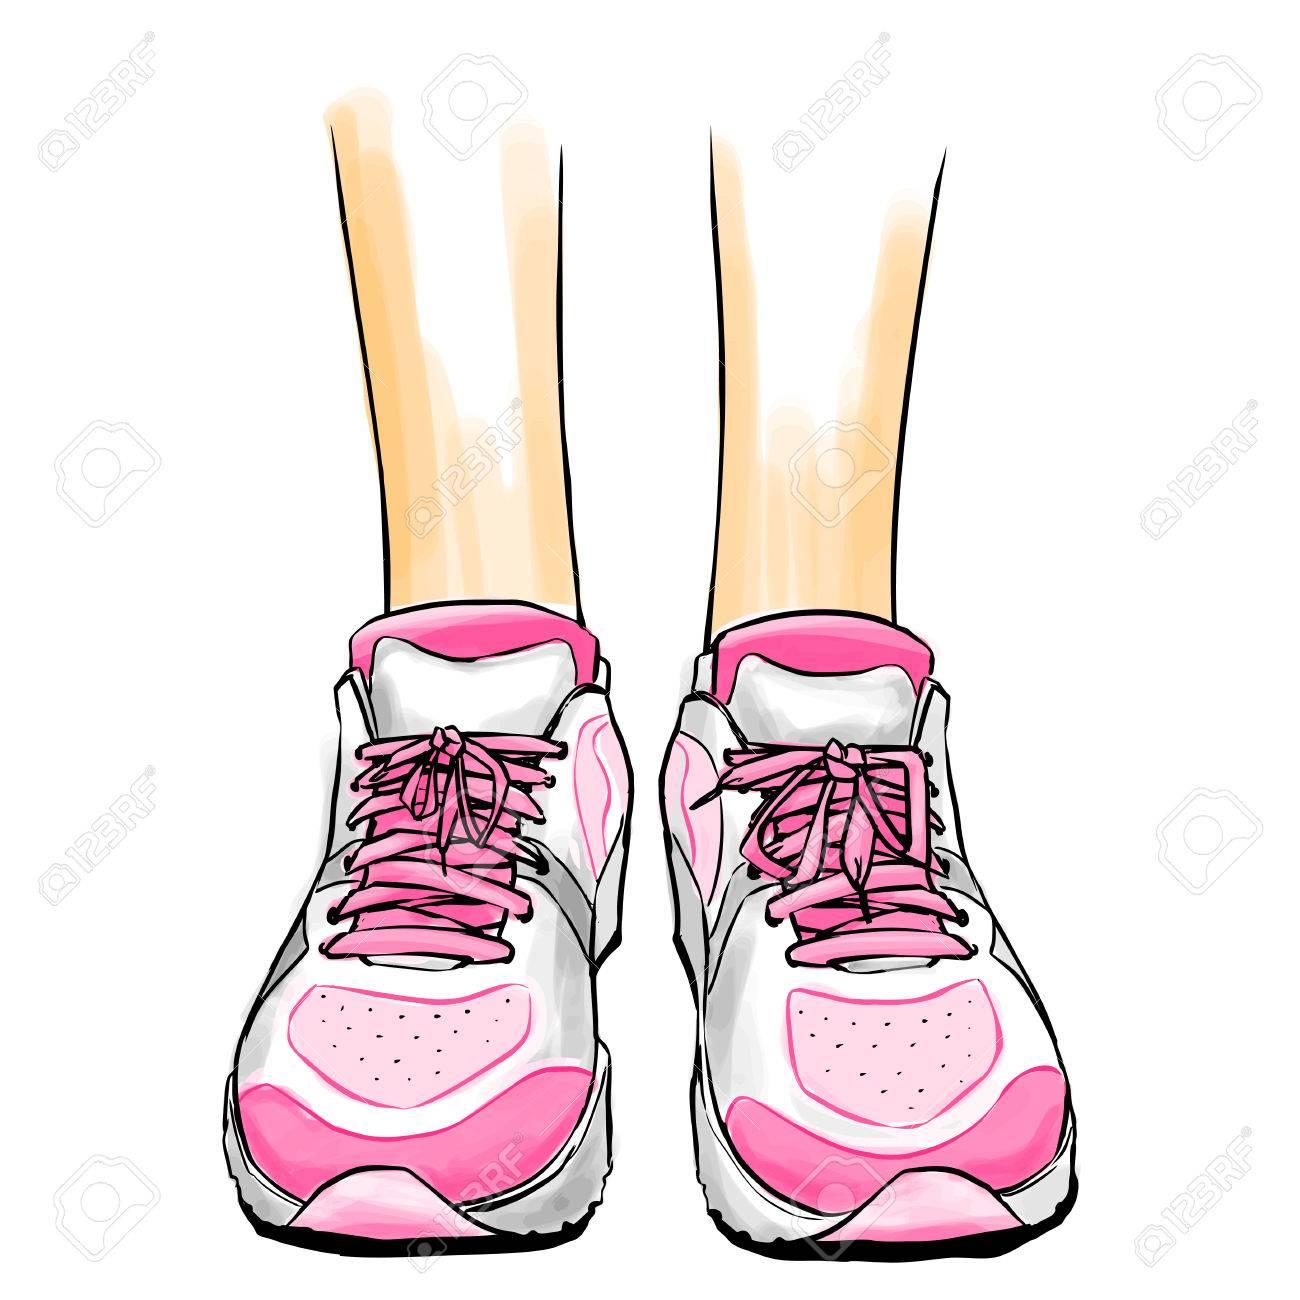 Mujeres Con Deporte Las Activan En De Ilustración RosaZapatos Color El Estilo Los CómicsVector Zapatillas Que Dibujo Delgadas Piernas 0PkXnZwON8